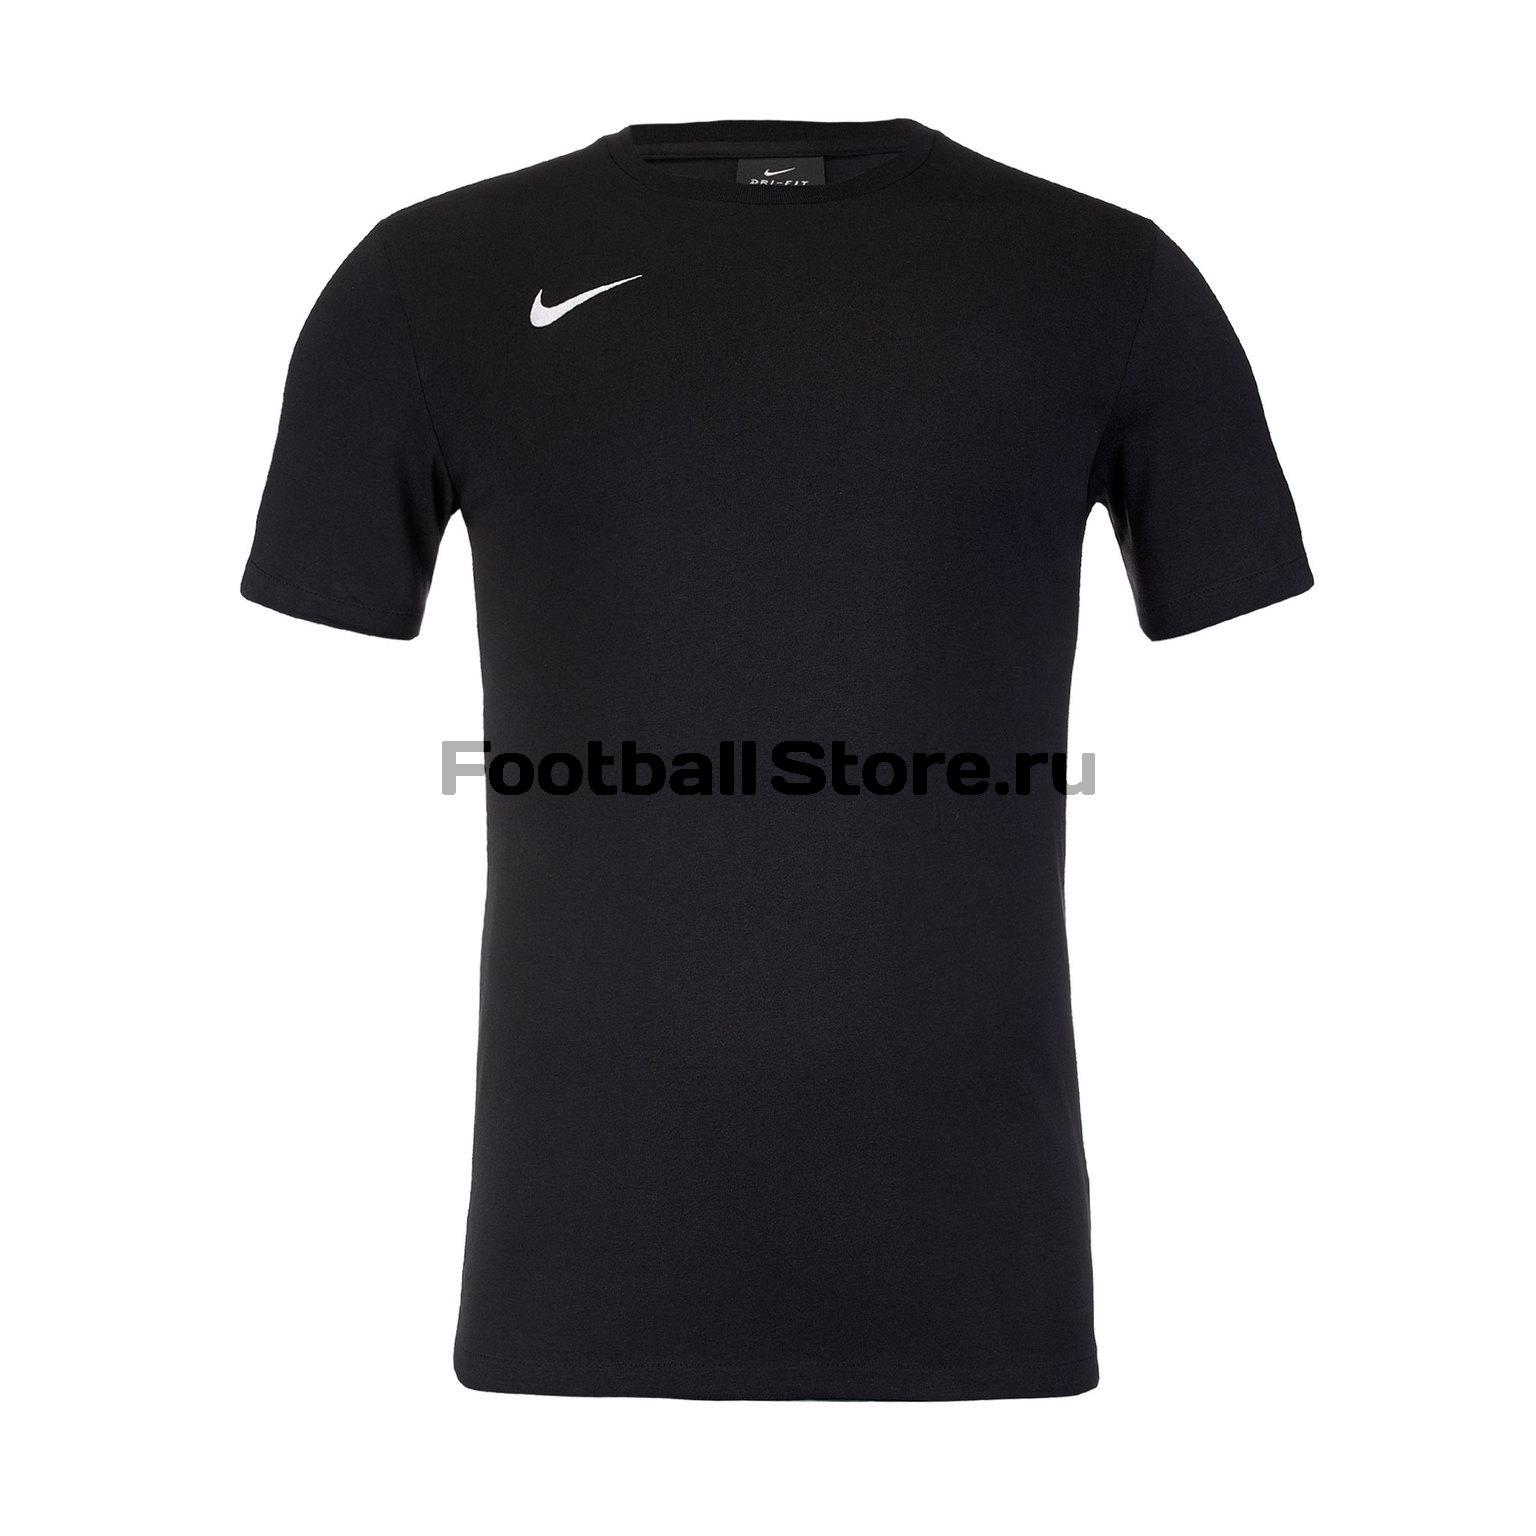 Футболка хлопковая Nike Tee Club19 SS AJ1504-010 цена